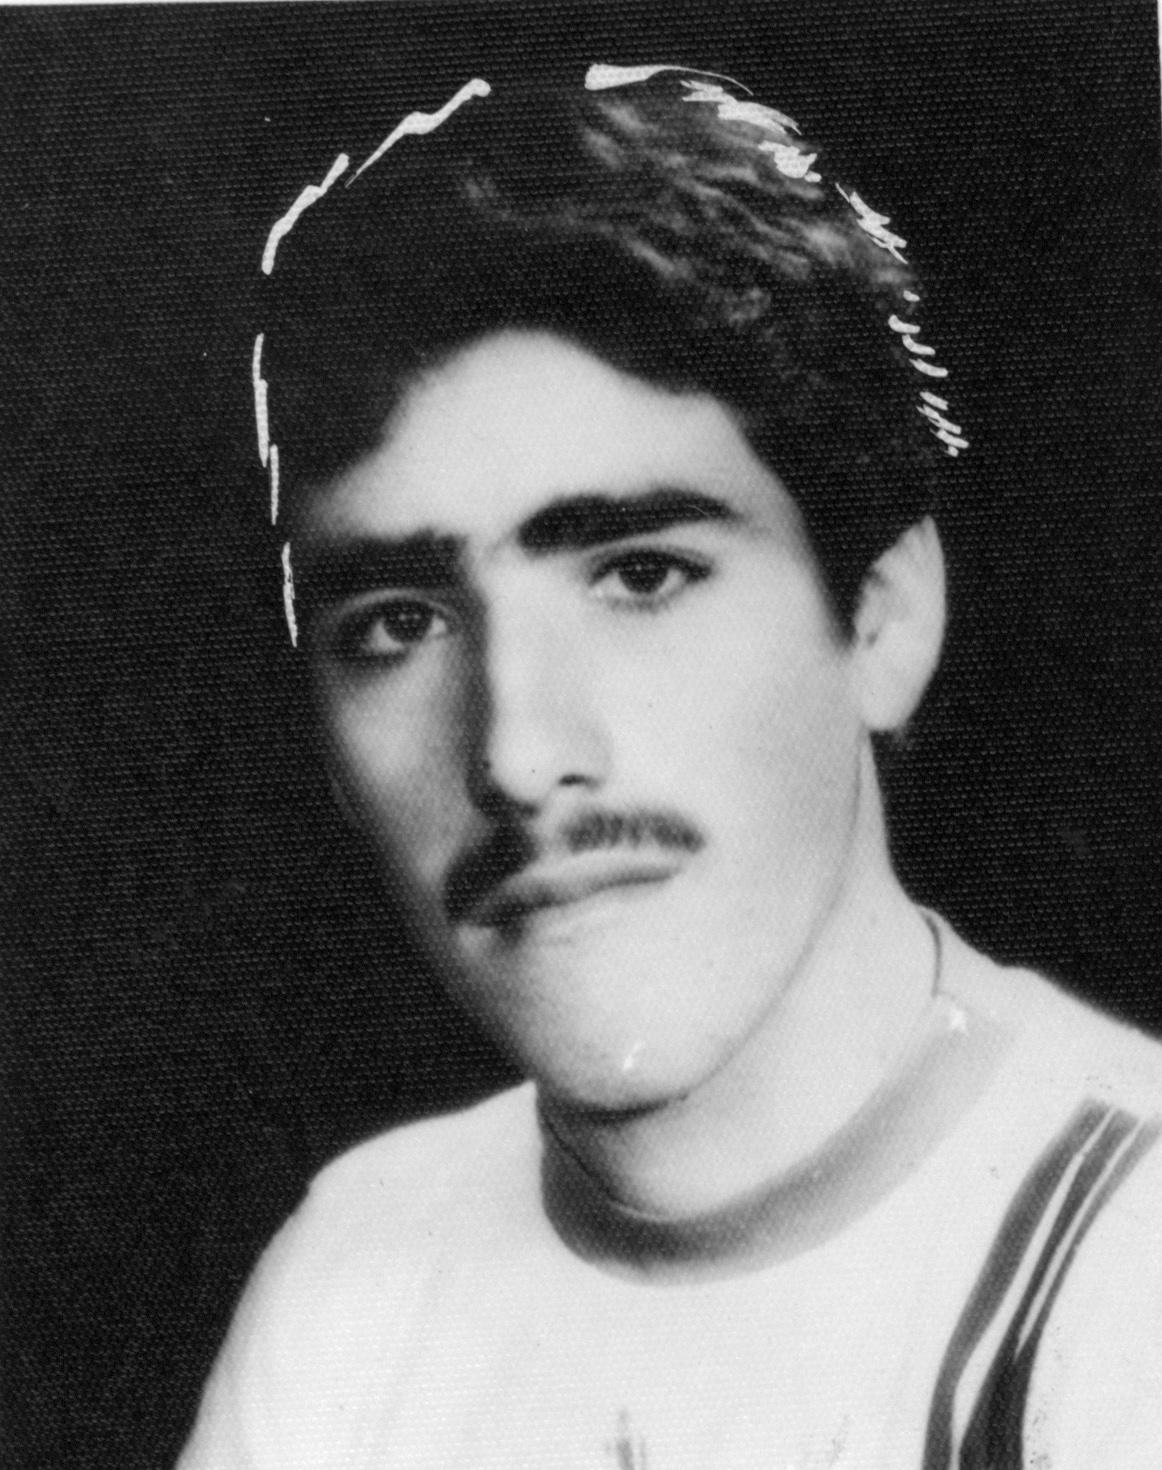 حسین احمدی بیدگلی